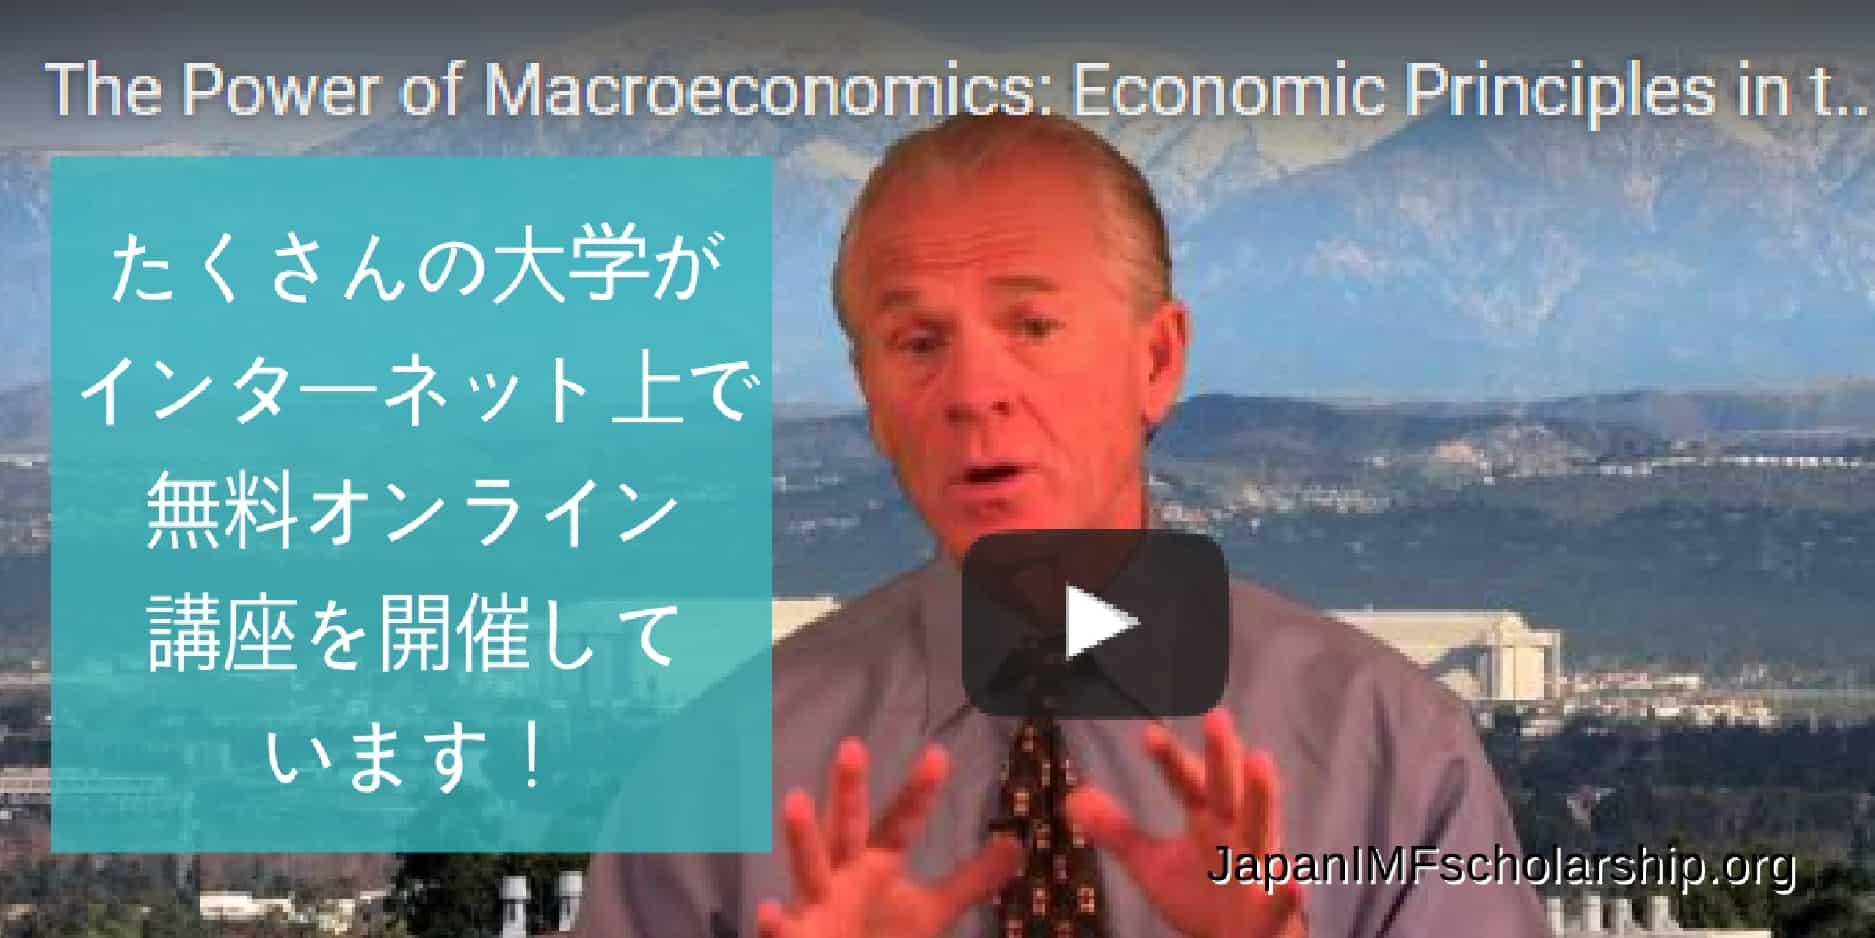 たくさんの大学がインターネット上で無料オンライン講座を開催しています| visit japanimfscholarship.org